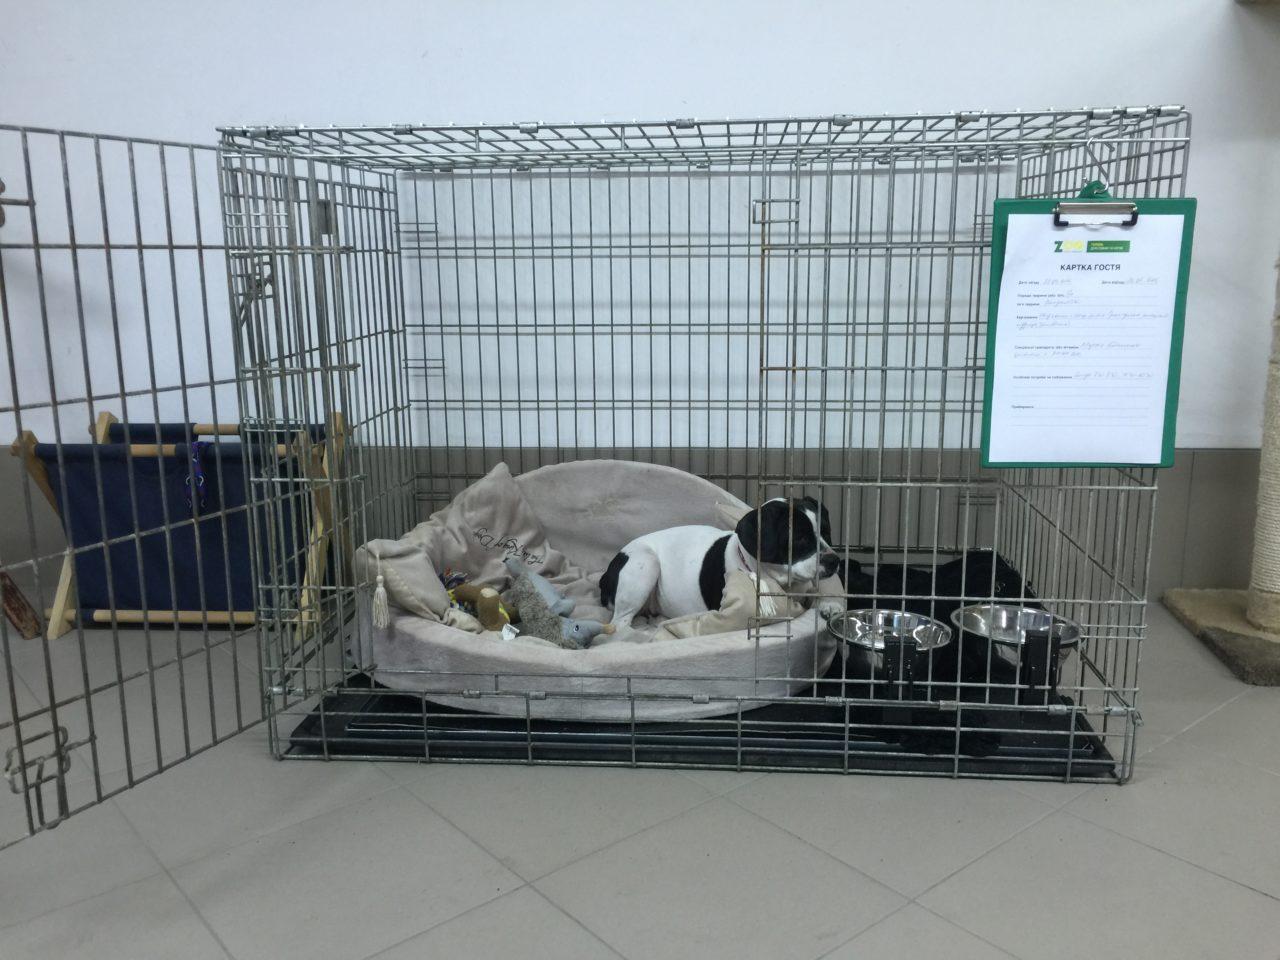 Бизнес на гостинице для животных — помещение